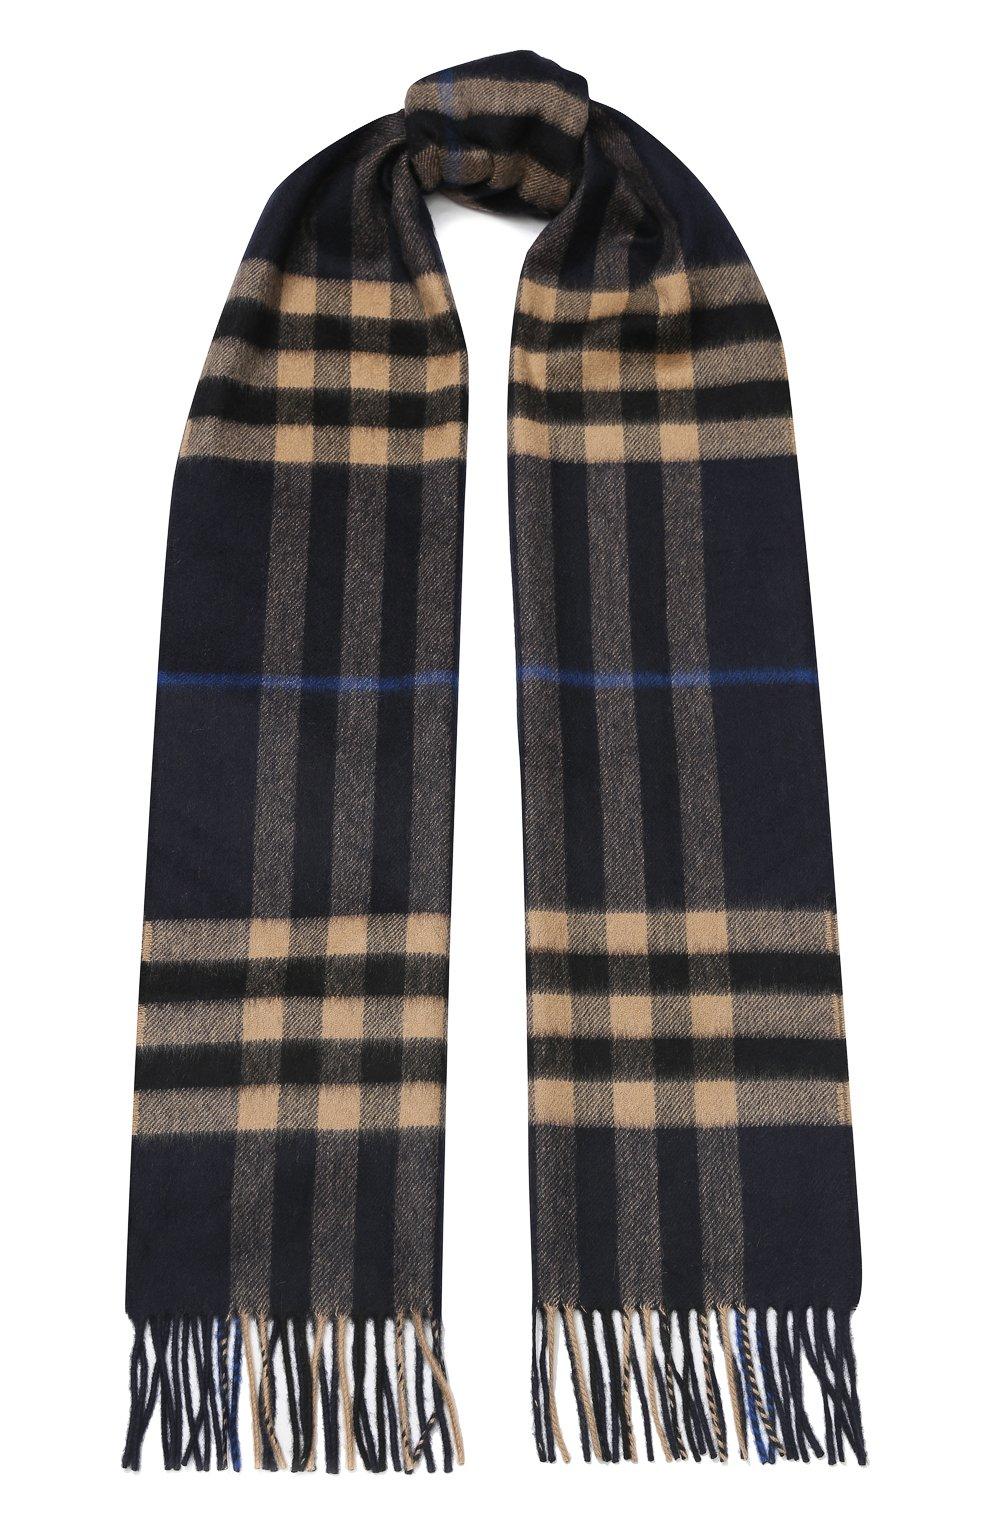 Мужской кашемировый шарф BURBERRY разноцветного цвета, арт. 8022346 | Фото 1 (Материал: Кашемир, Шерсть; Кросс-КТ: кашемир; Статус проверки: Проверена категория)